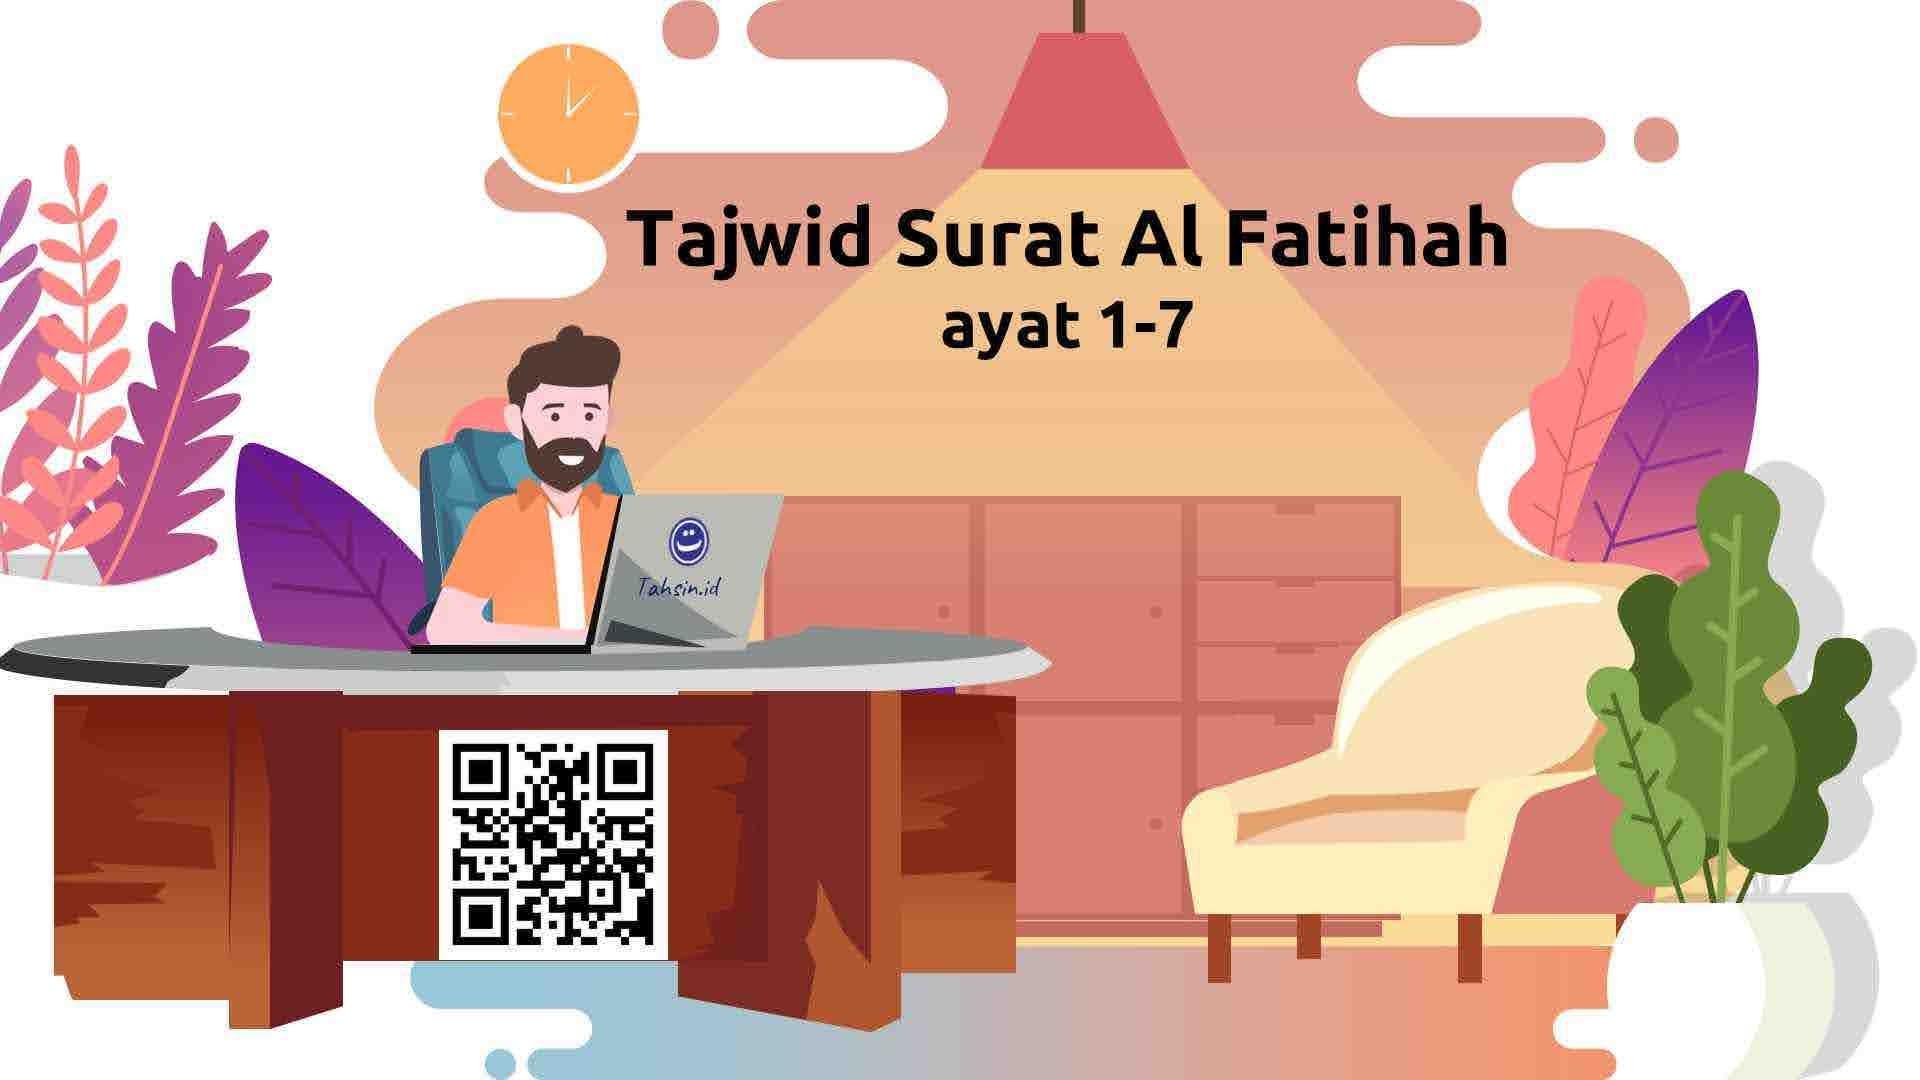 tajwid-surat-al-fatihah